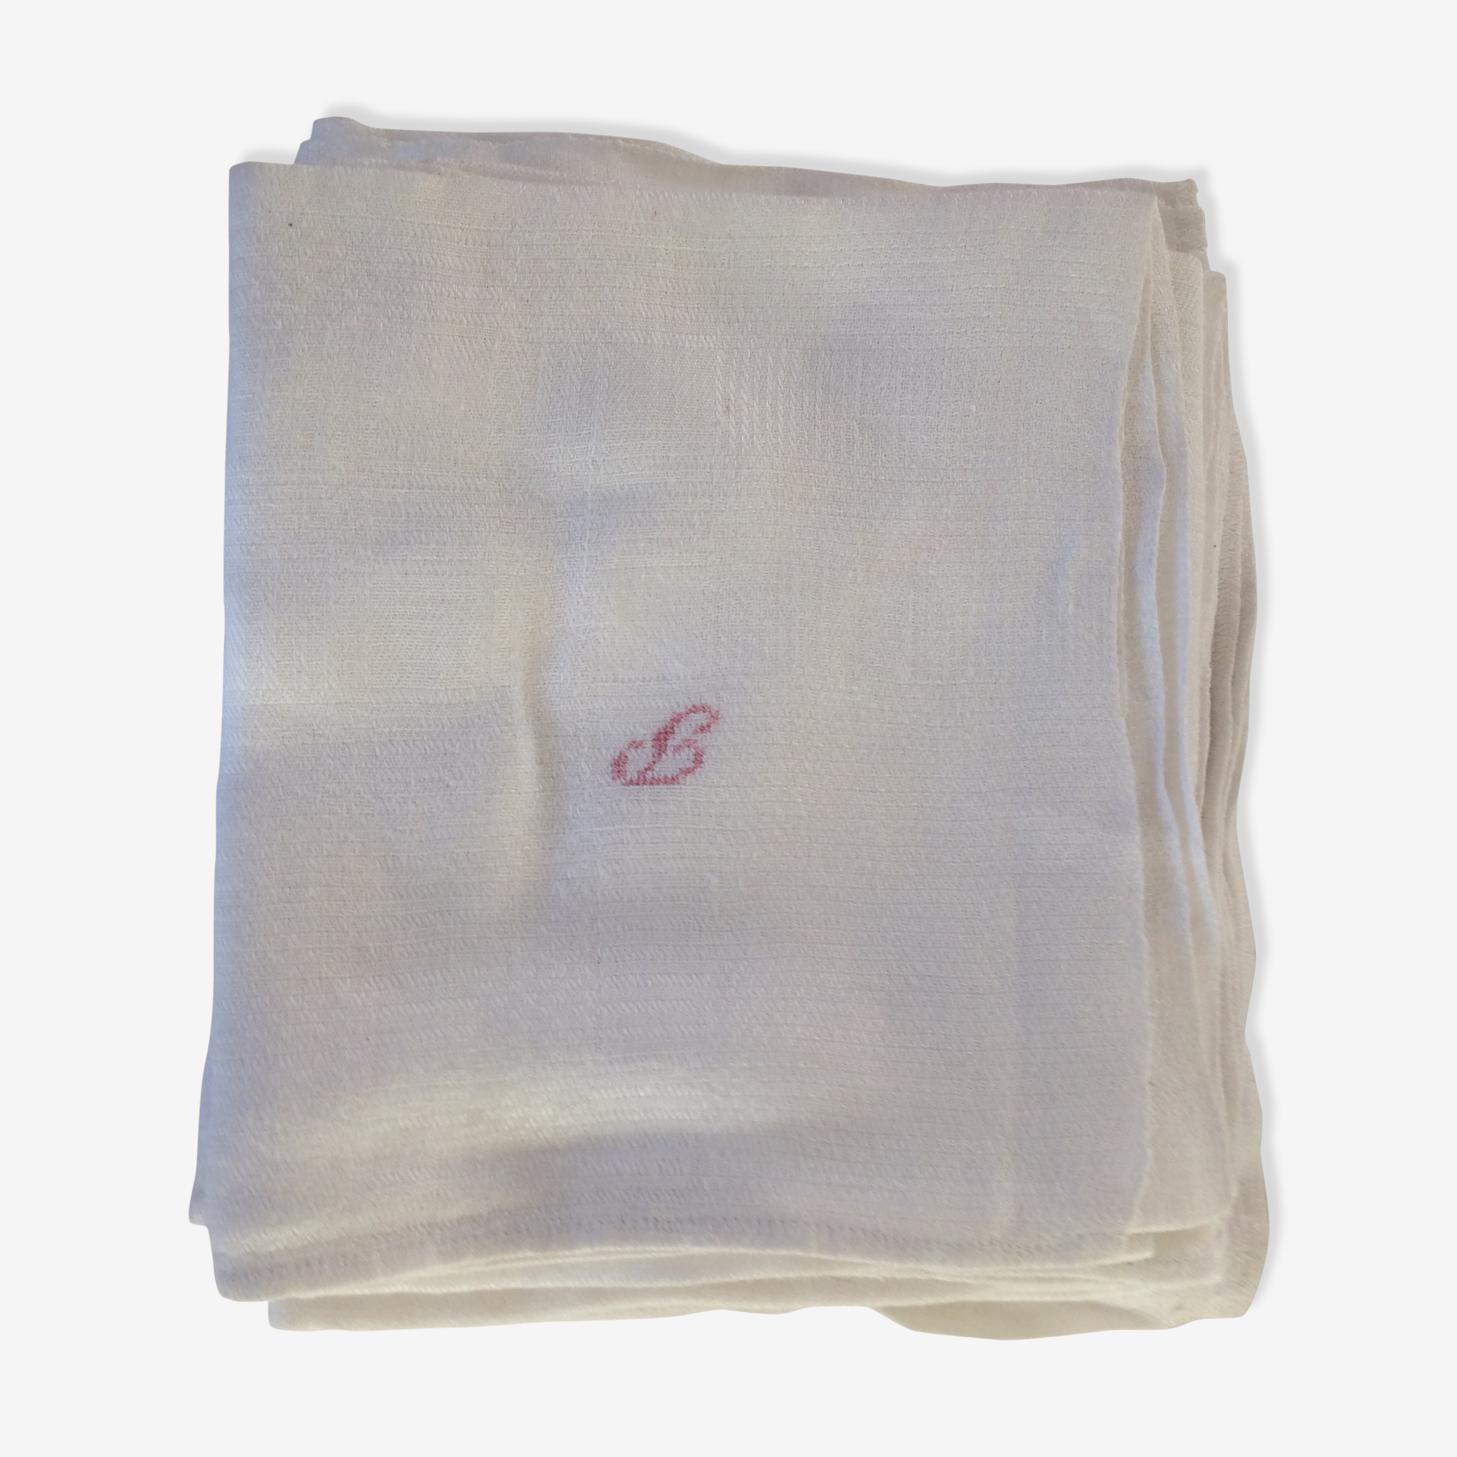 4 serviettes blanches avec lettre en rouge